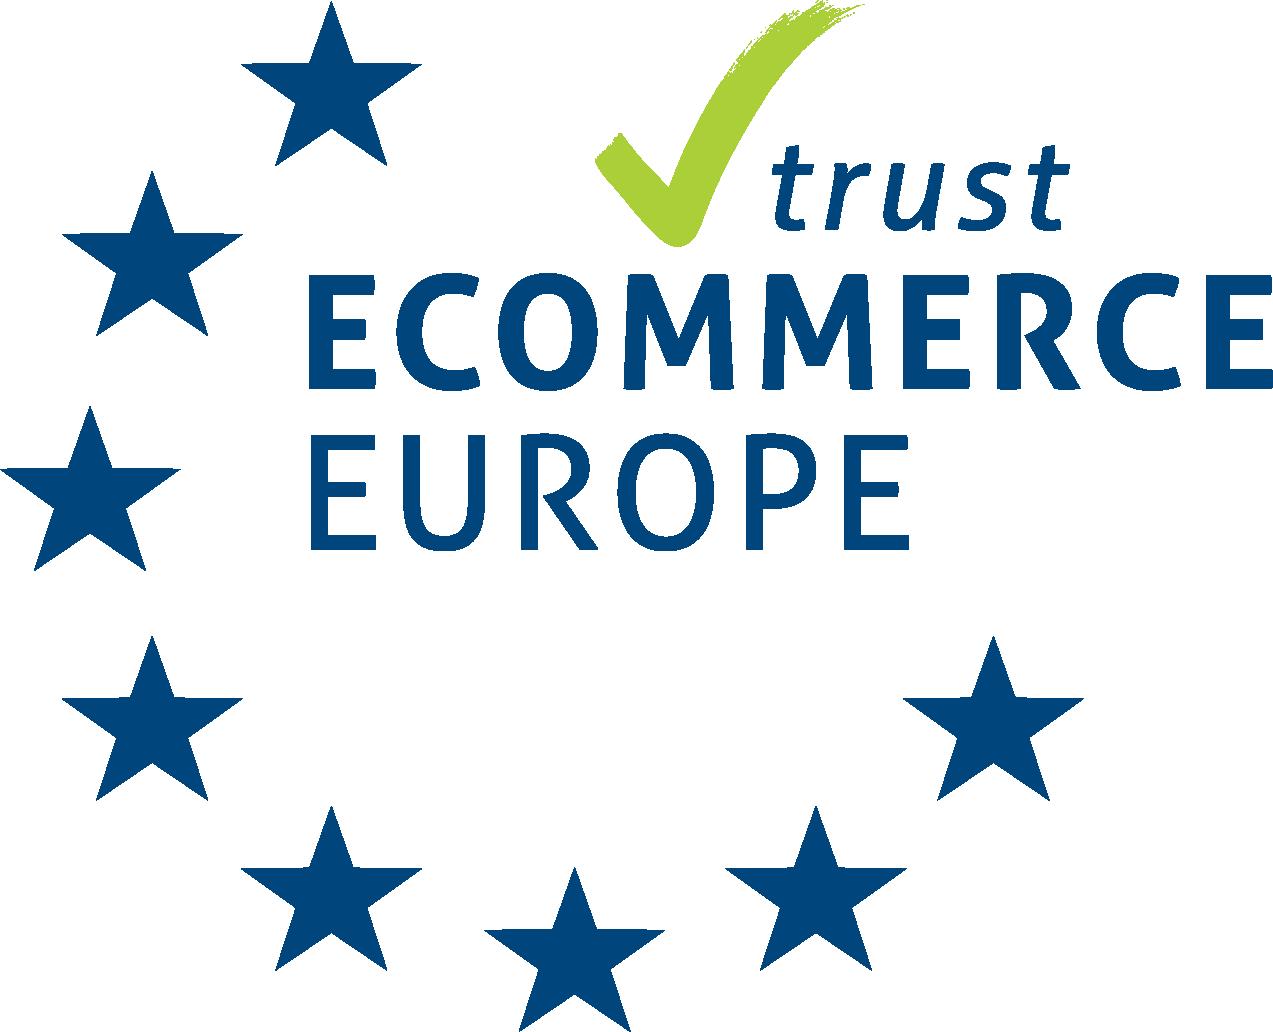 Ecommerce_Europe_icon